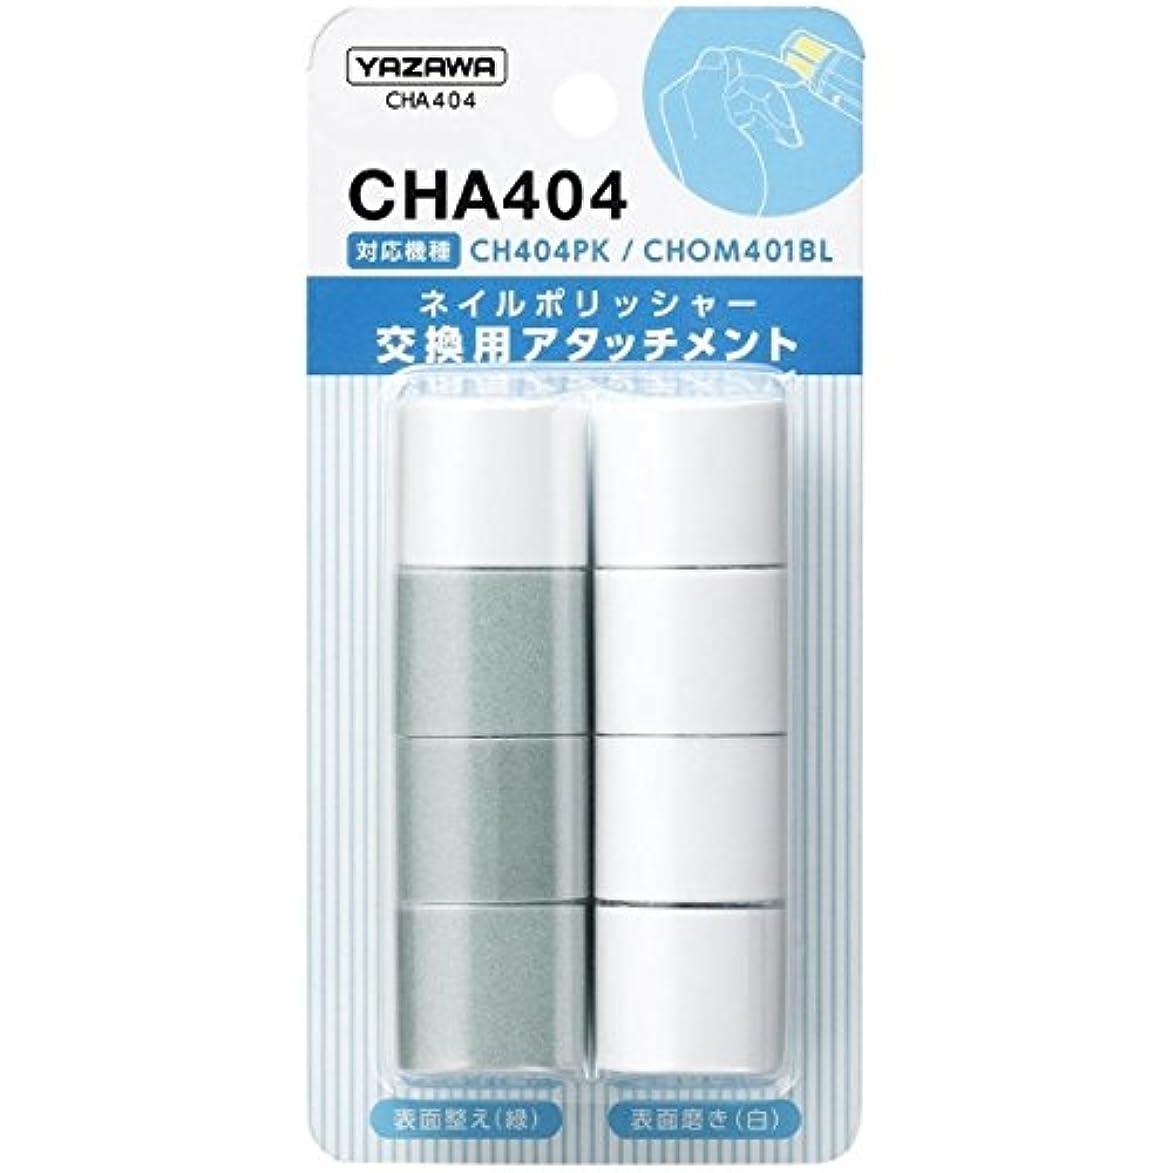 マネージャー洋服争いYAZAWA(ヤザワコーポレーション) ネイルポリッシャー交換用アタッチメント CHA404